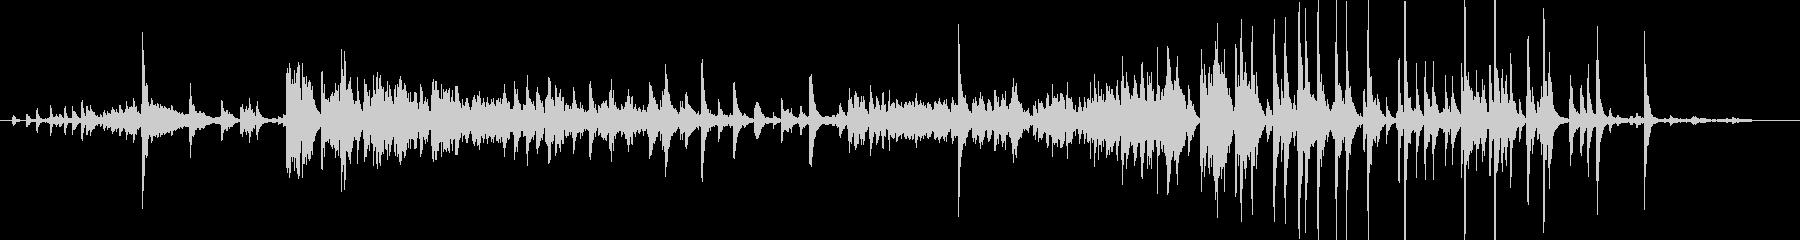 メタル クリークストレスミディアム06の未再生の波形